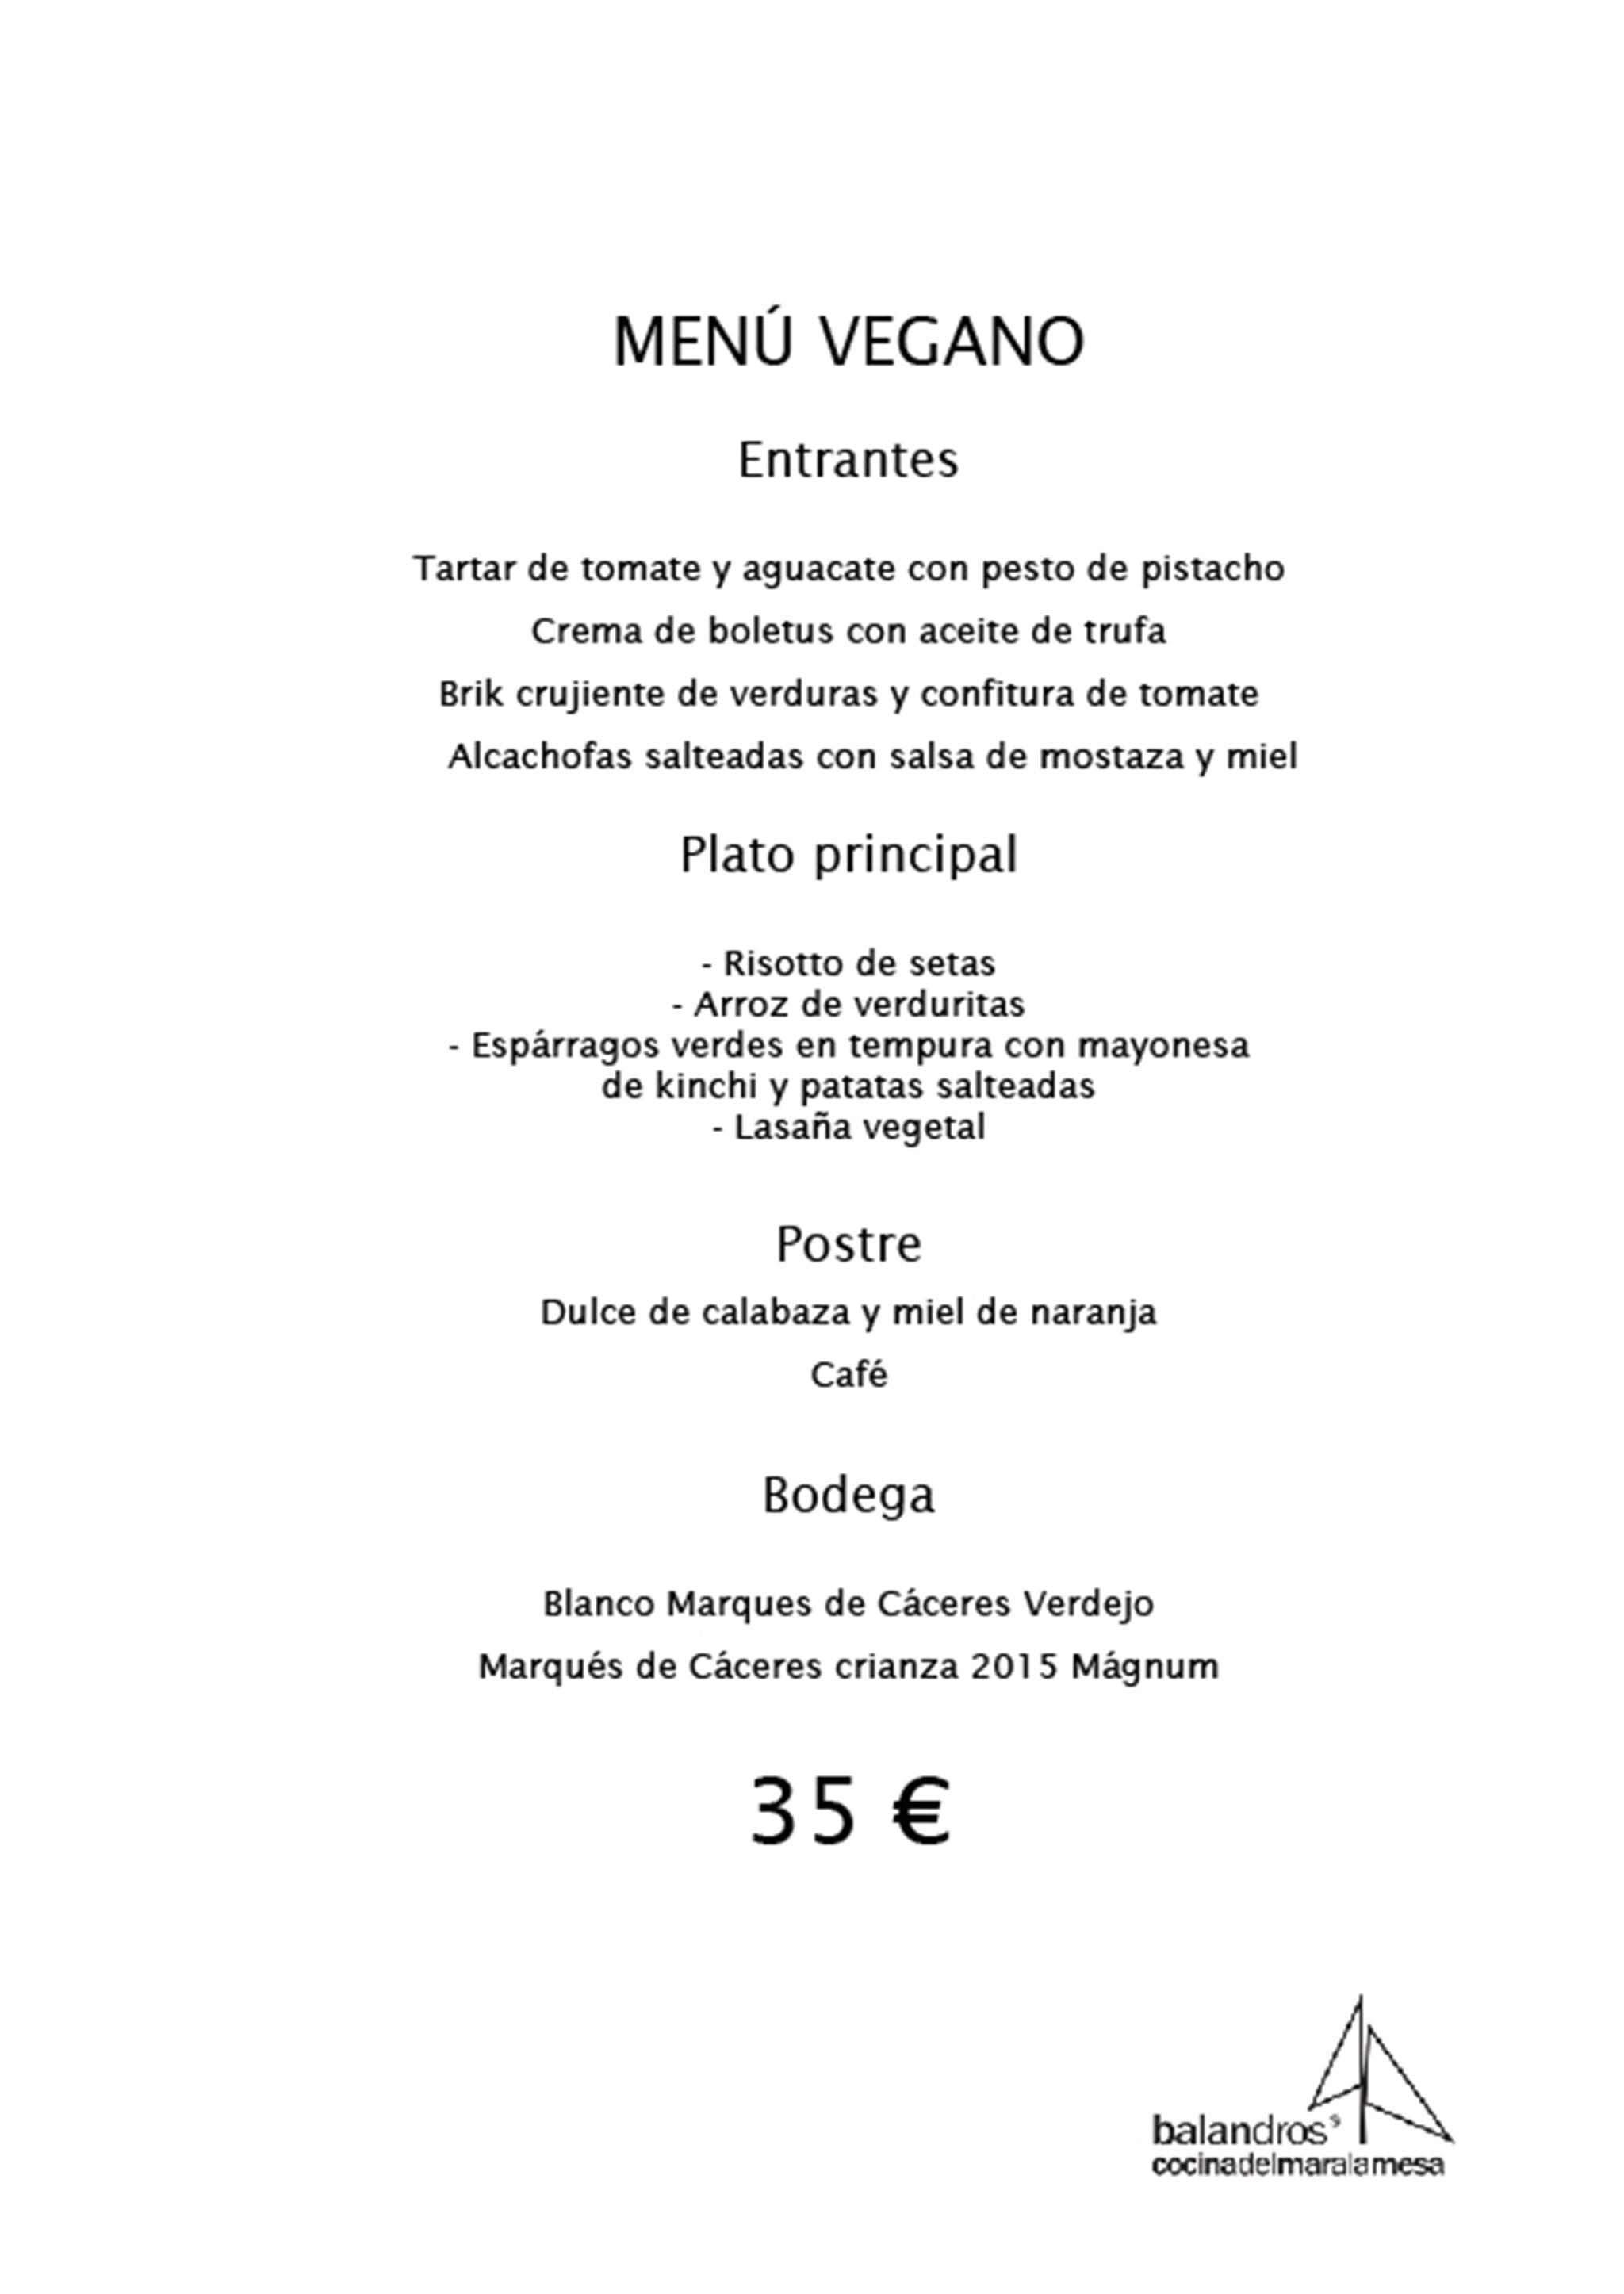 Menú de empresa vegano – Restaurante Balandros